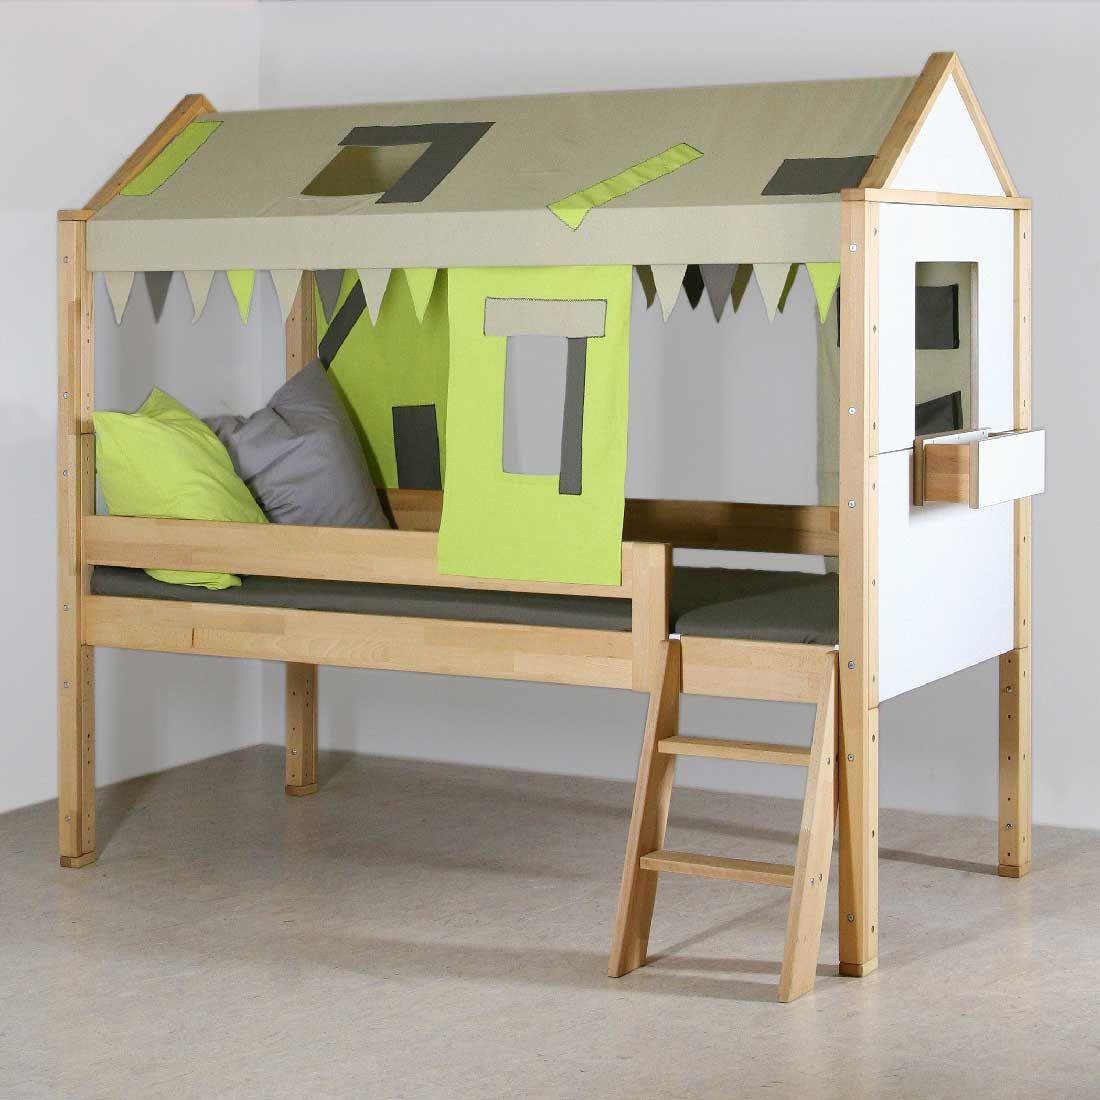 lit sur lev enfant id es pour chambre d 39 enfant. Black Bedroom Furniture Sets. Home Design Ideas